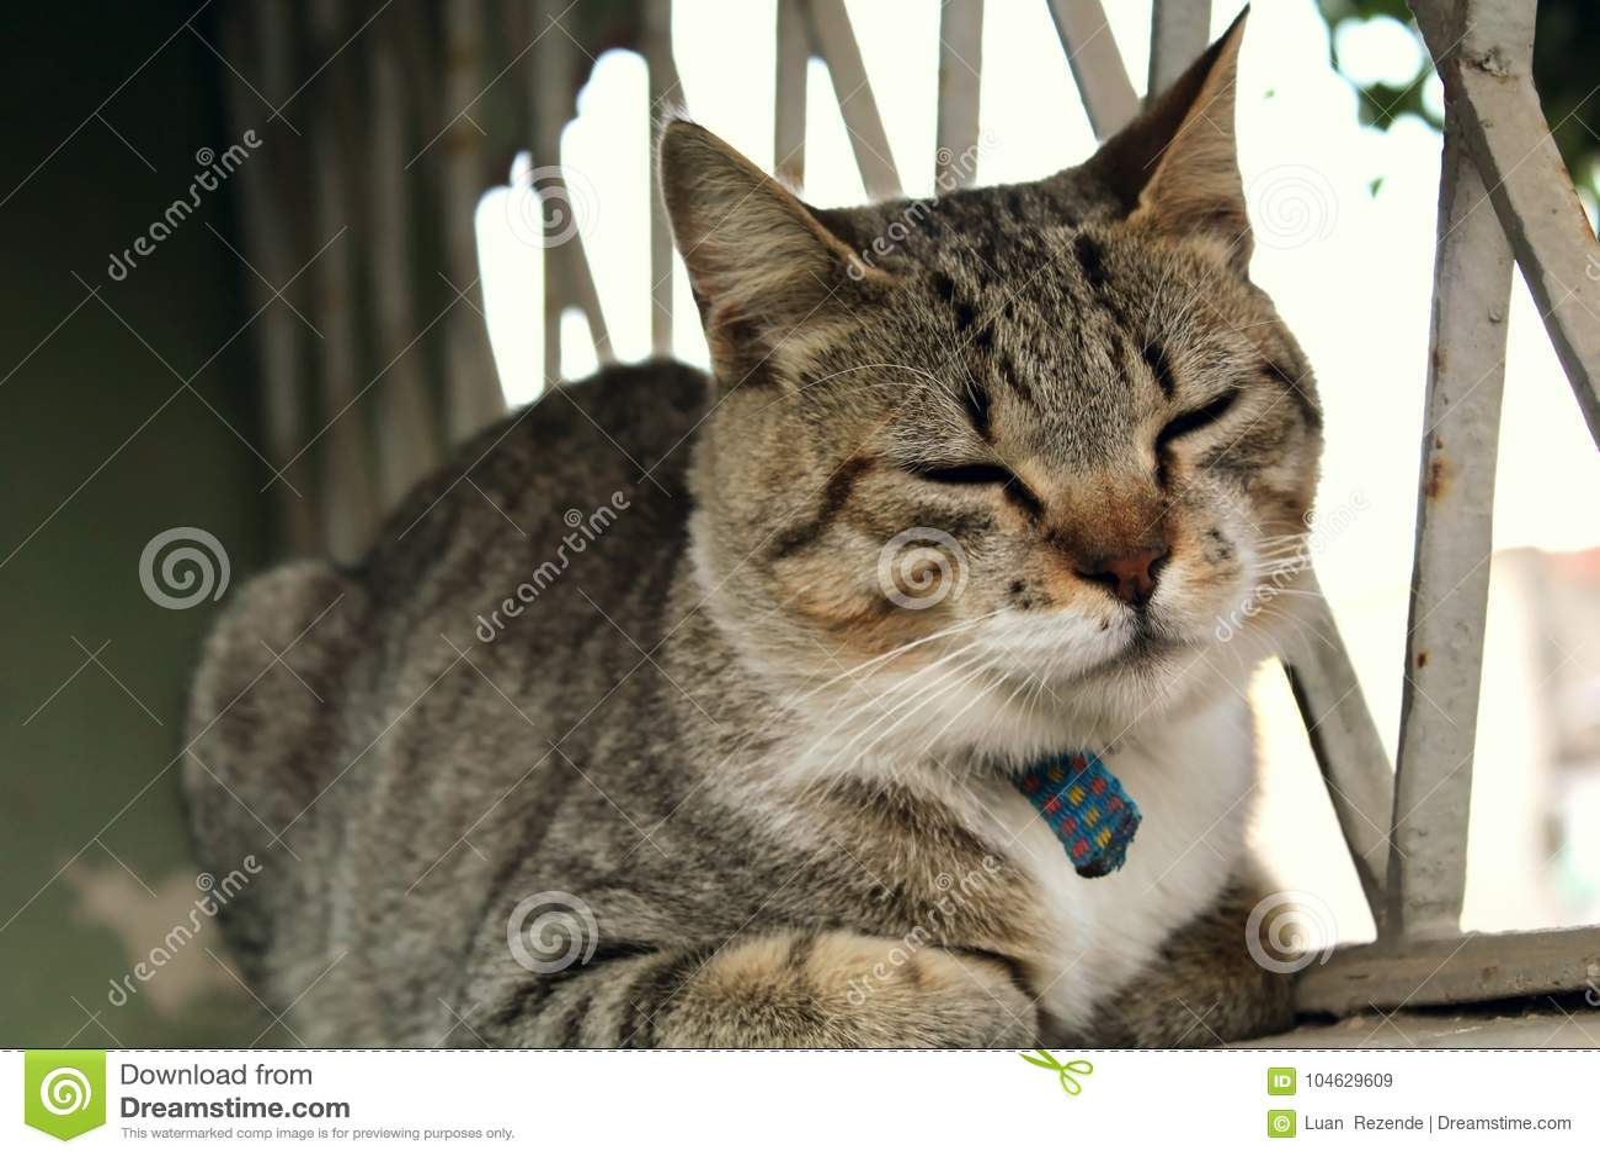 Download Een Leuke Kleine Kat, Liefdekat, Sluit Omhoog Stock Afbeelding - Afbeelding bestaande uit grappig, groen: 104629609